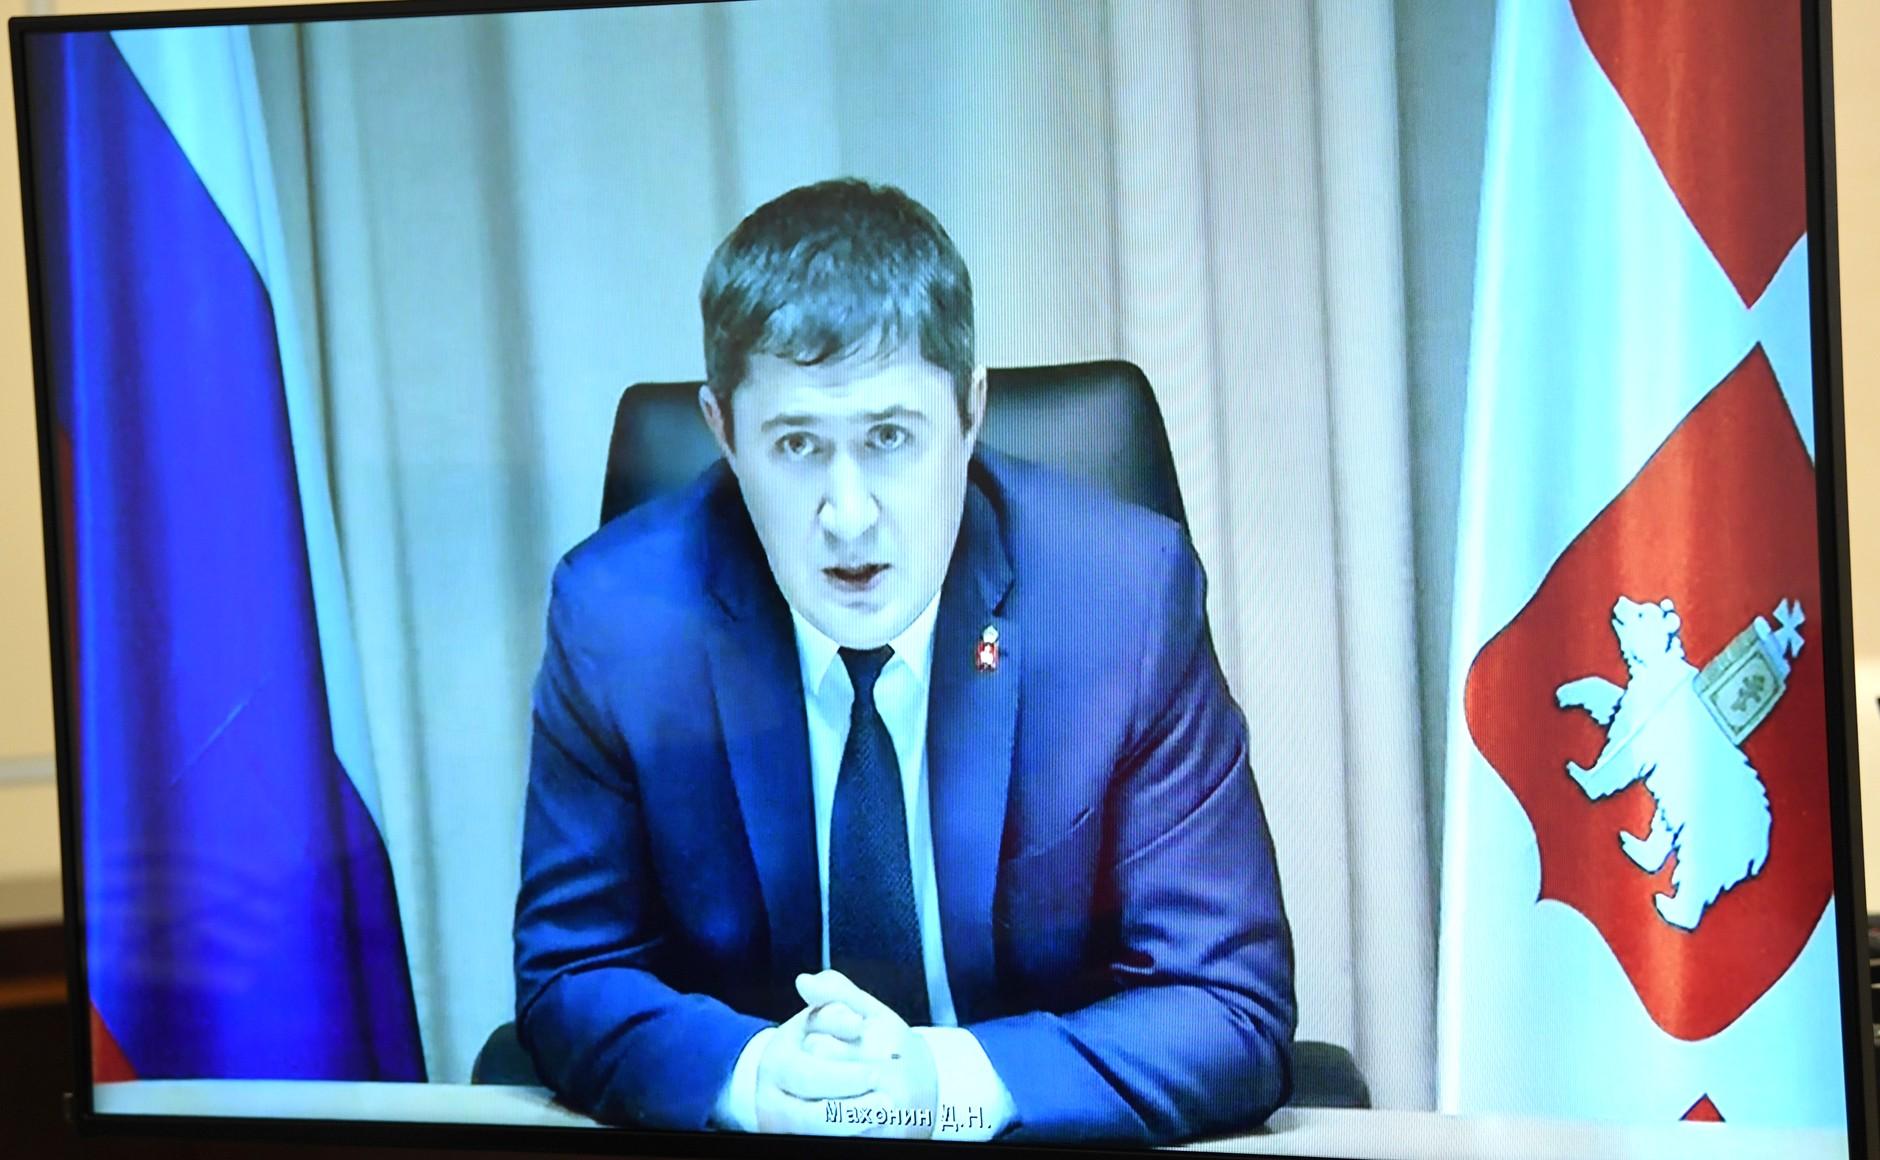 kremlin PH 2 X 2 DU 17.08.2020 Réunion de travail avec le gouverneur par intérim du territoire de Perm Dmitry Makhonin (par vidéoconférence). boQwZdT8Vgpb7Q3vfaw7JCcSauw0EHCy